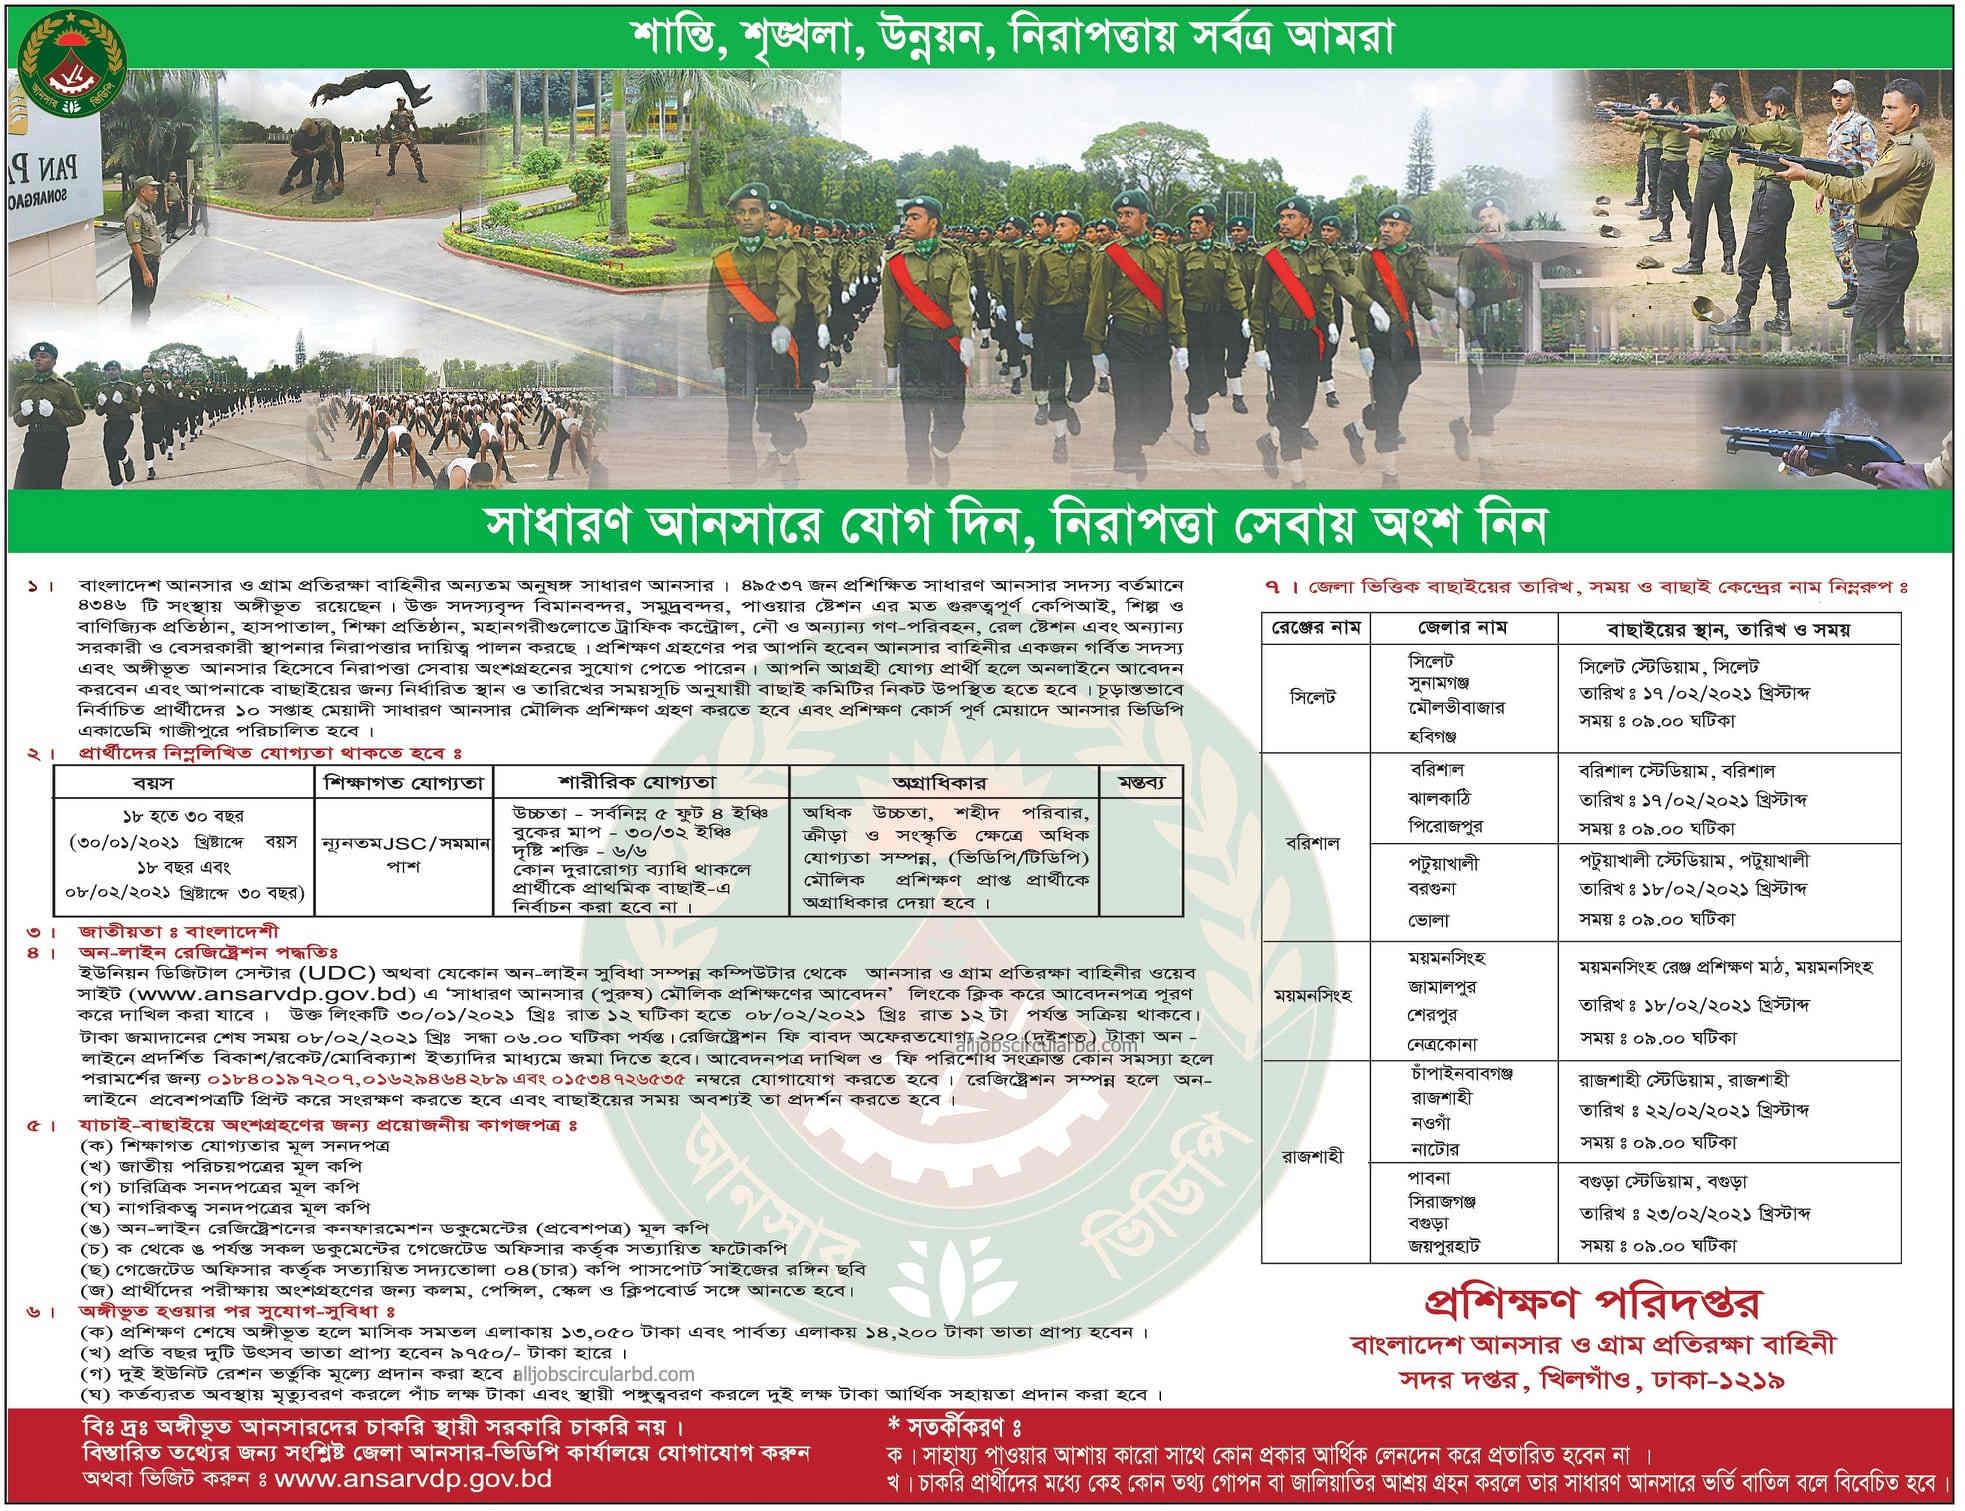 Bangladesh Ansar Battalion Job Circular